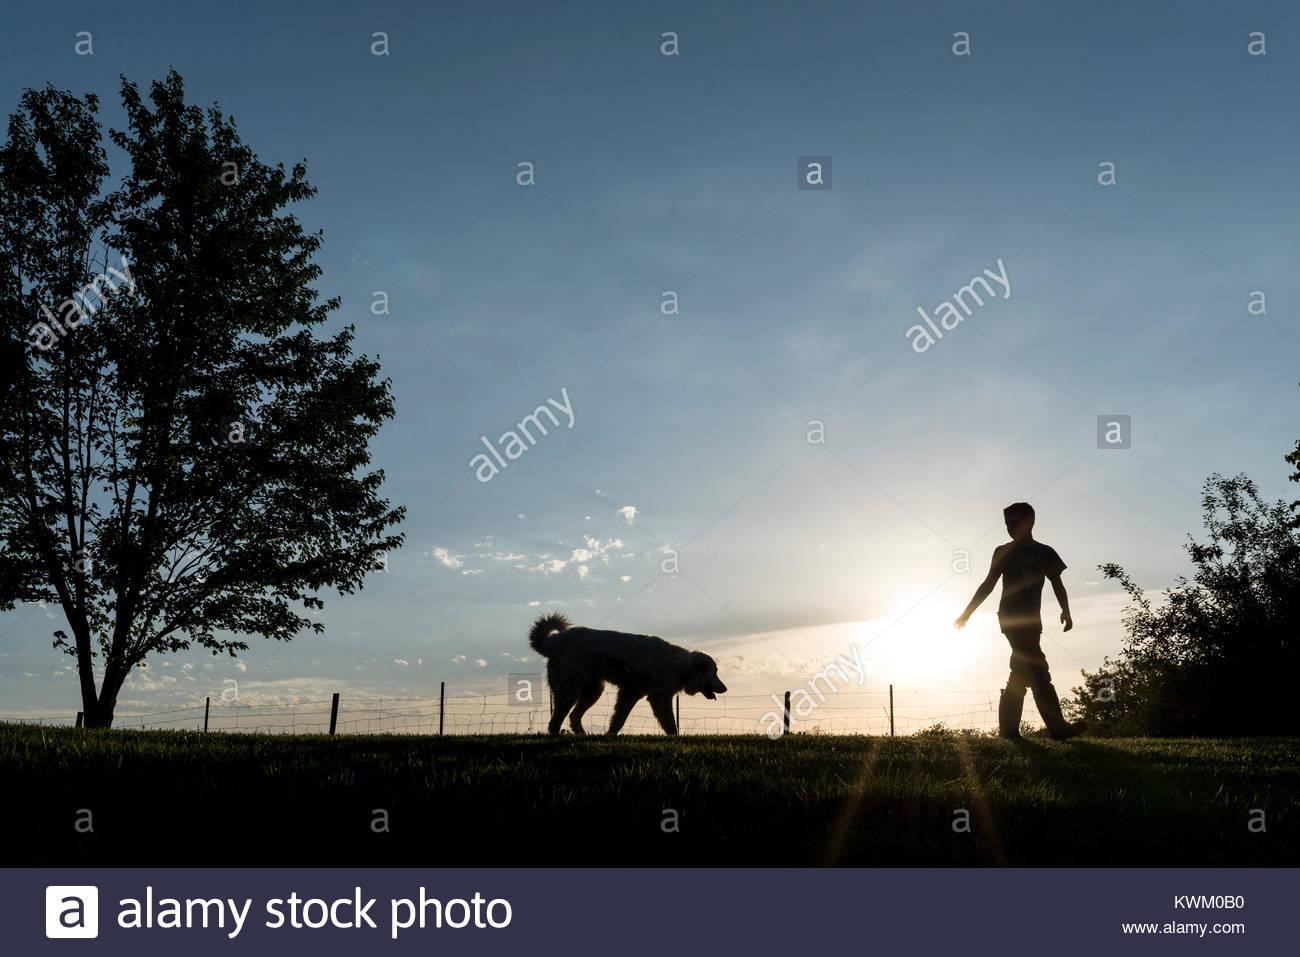 Silhouette boy playing with dog sur terrain contre le ciel au coucher du soleil Photo Stock